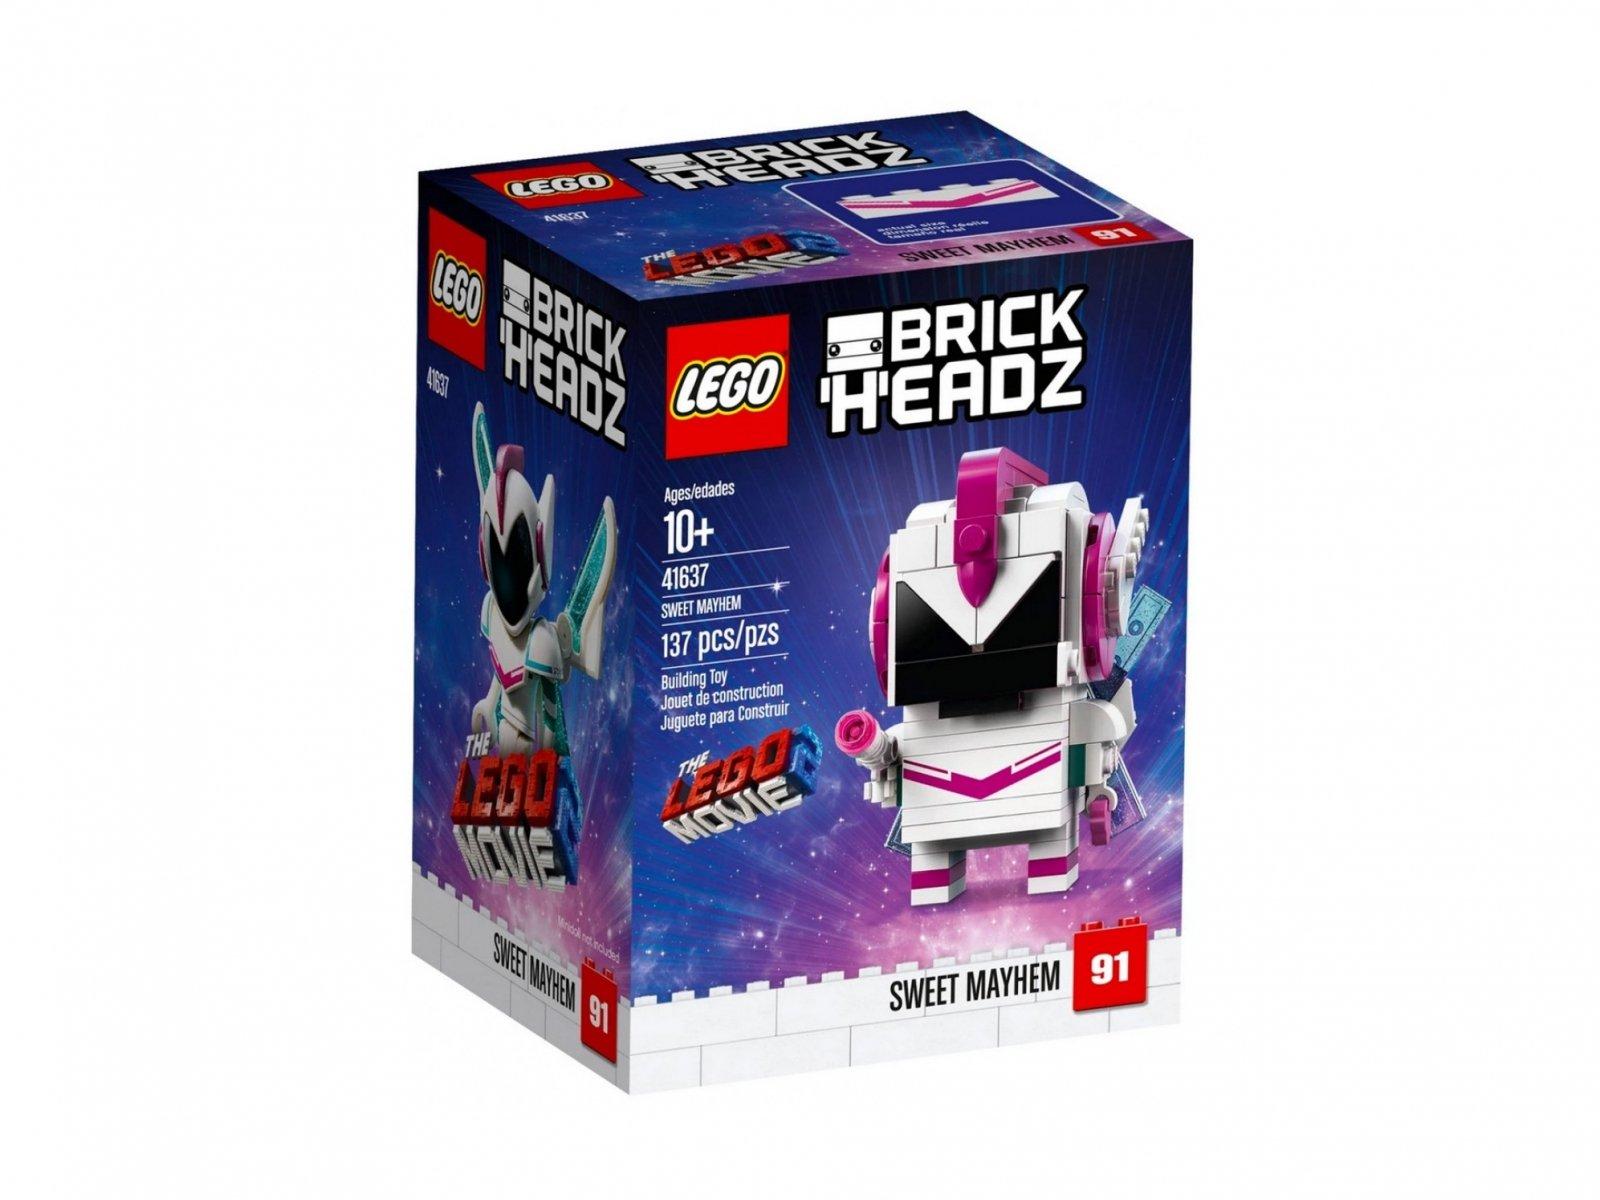 LEGO BrickHeadz Sweet Mayhem 41637